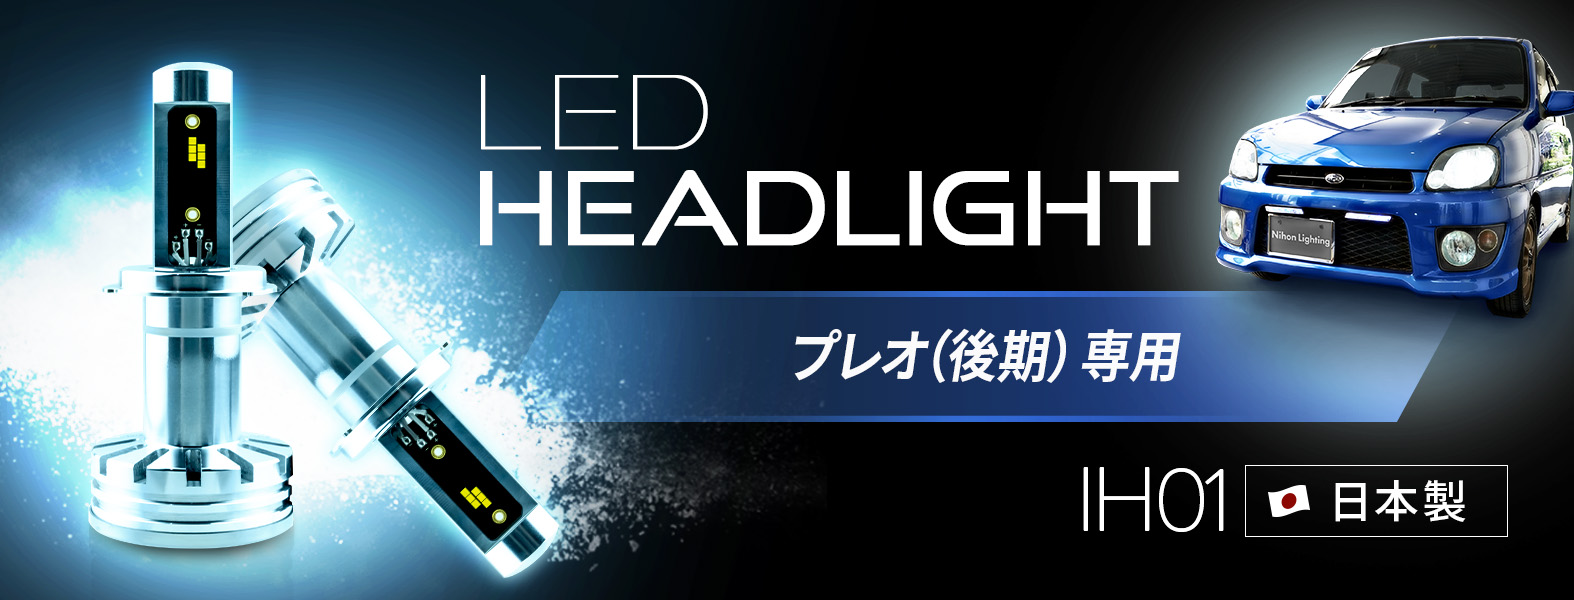 車種専用LEDヘッドライト_IH01_プレオ後期専用